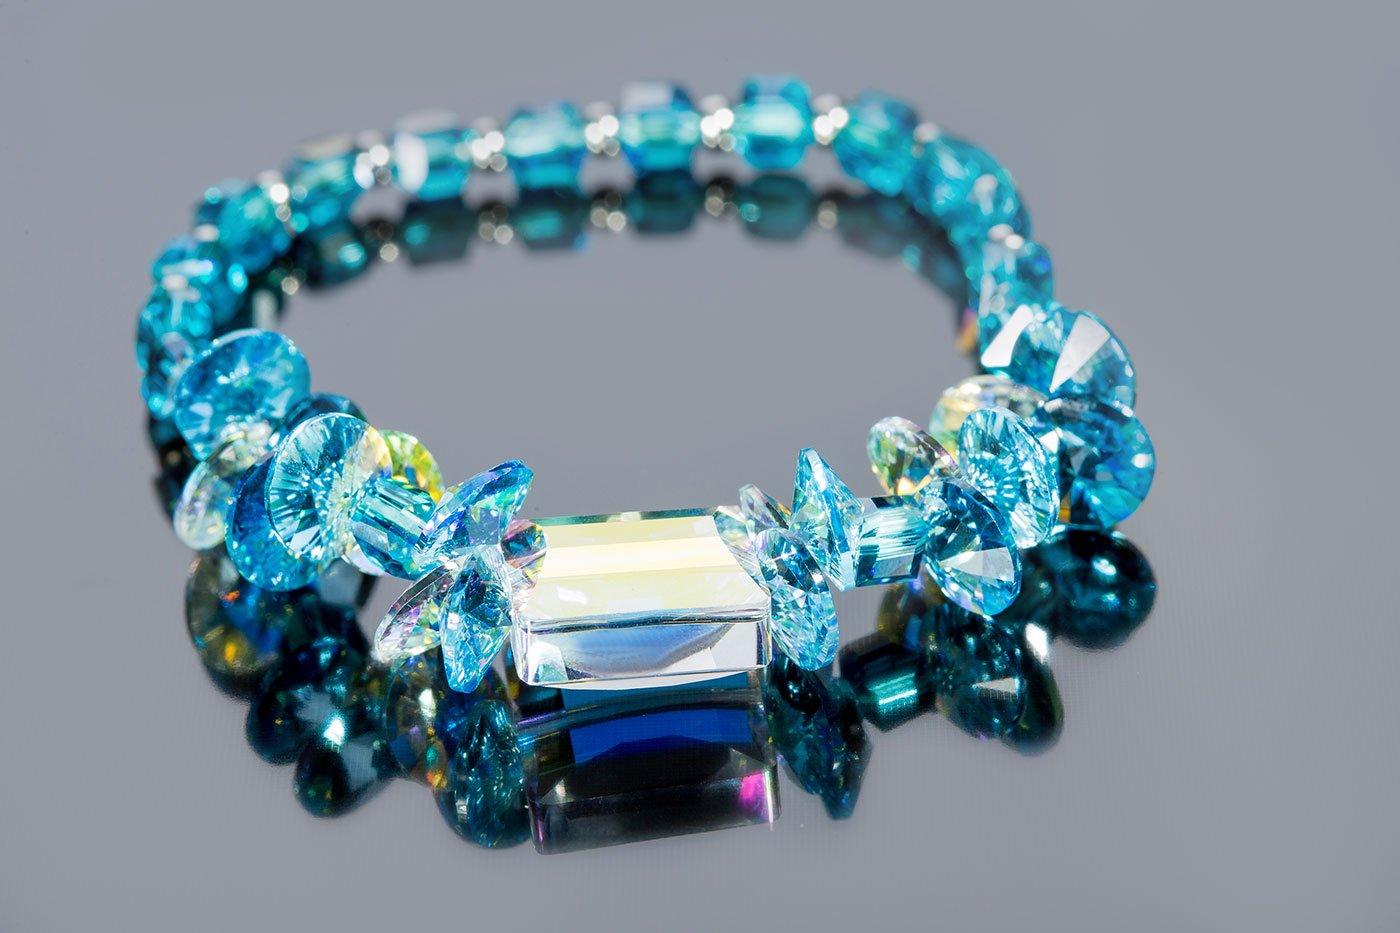 Un bracciale con pietre preziose azzurre